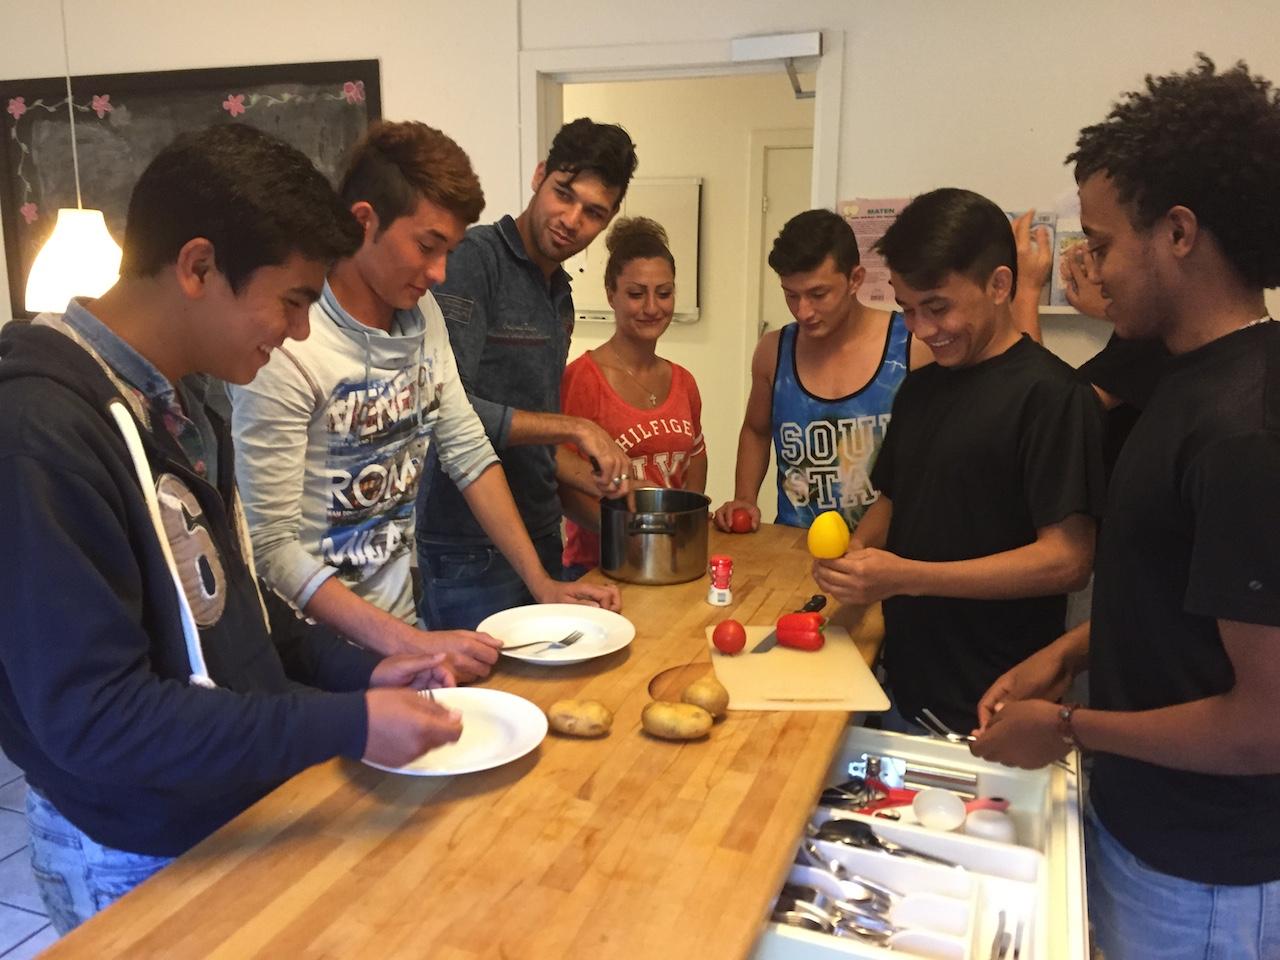 Samling i köket. Killarna på asylboendet lagar själva all mat, med stöd från personalen.